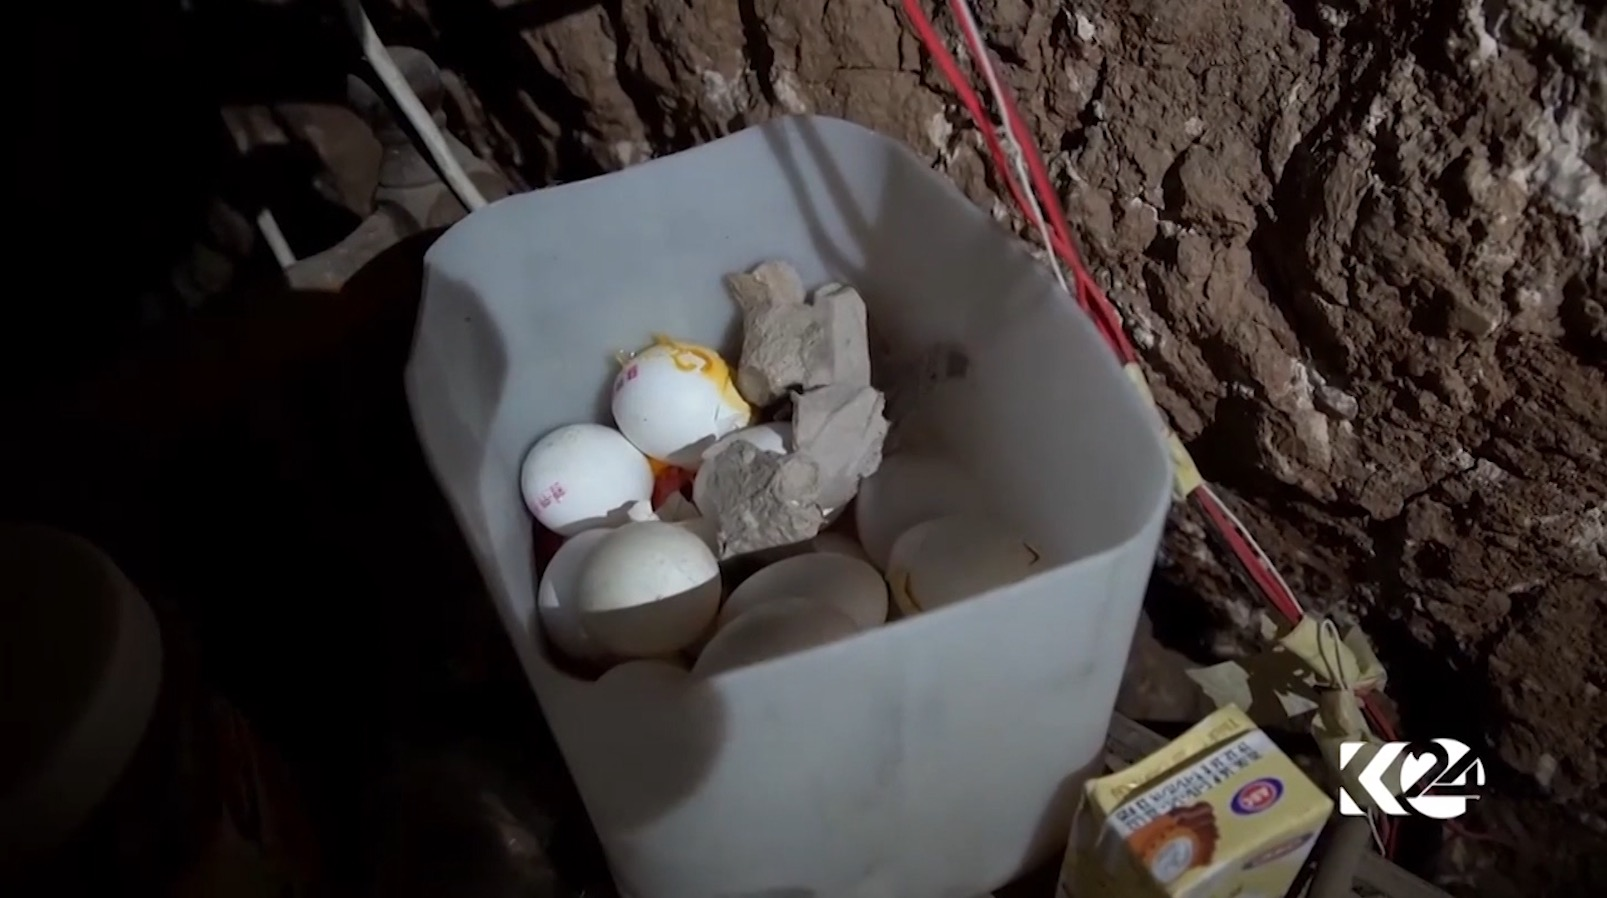 شاهد أنفاق داعش قرب الموصل.. تركوا البيض المسلوق خلفهم